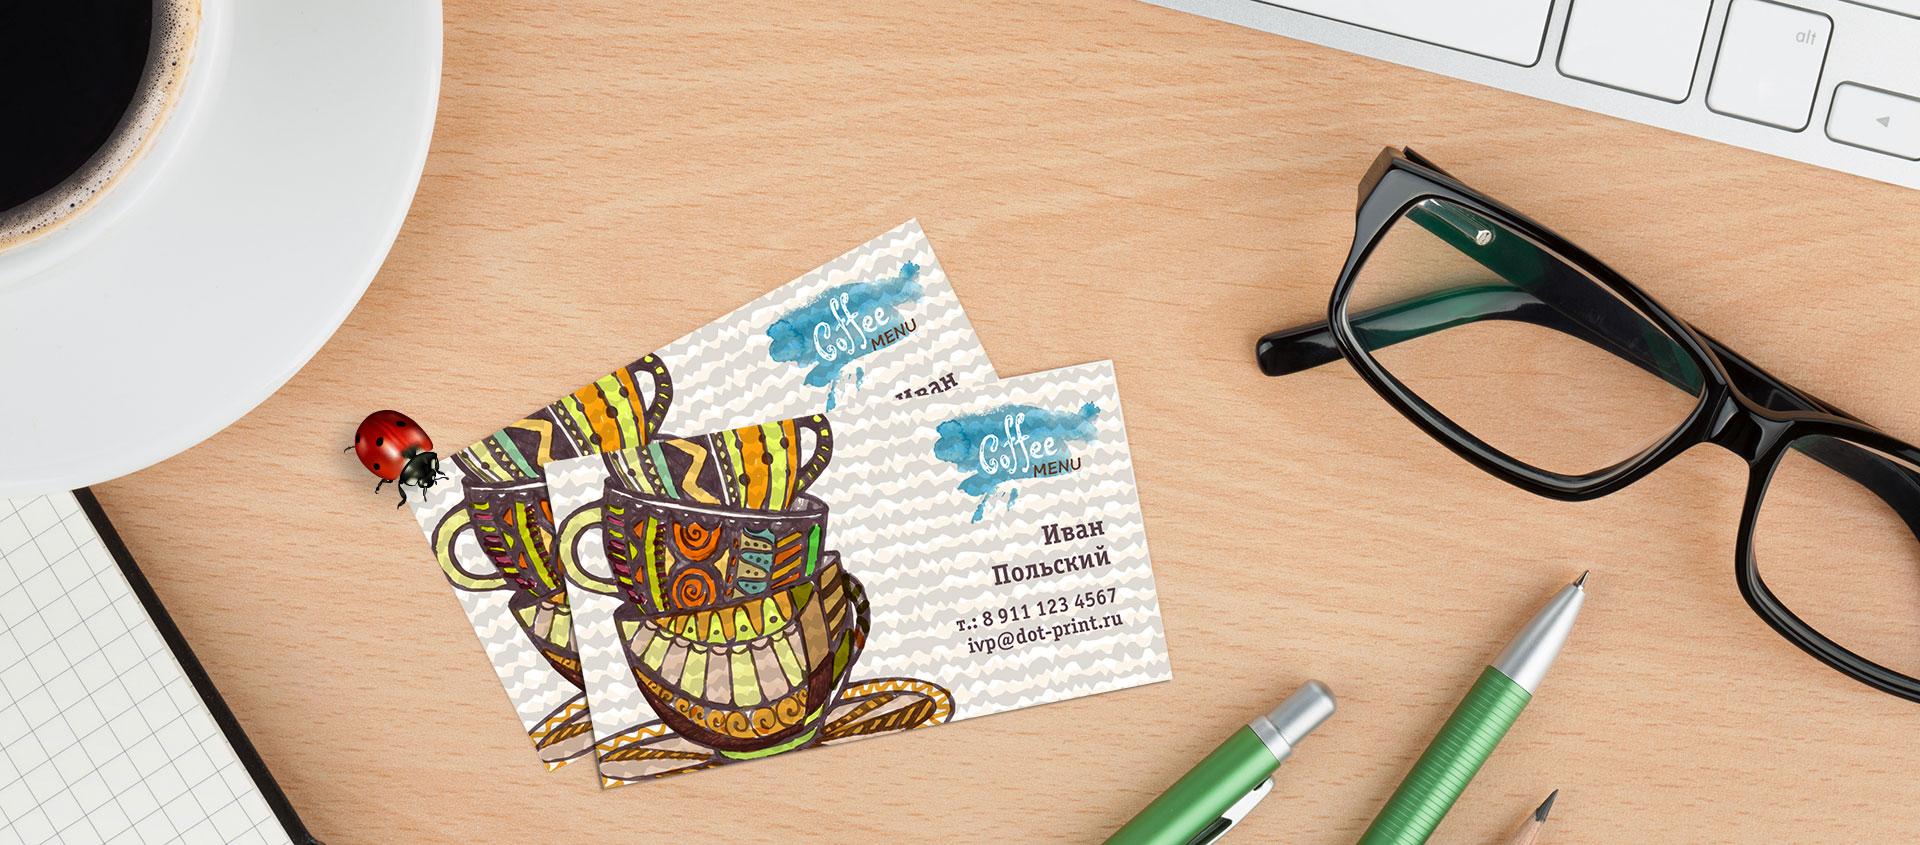 Оперативное изготовление и дизайн визиток